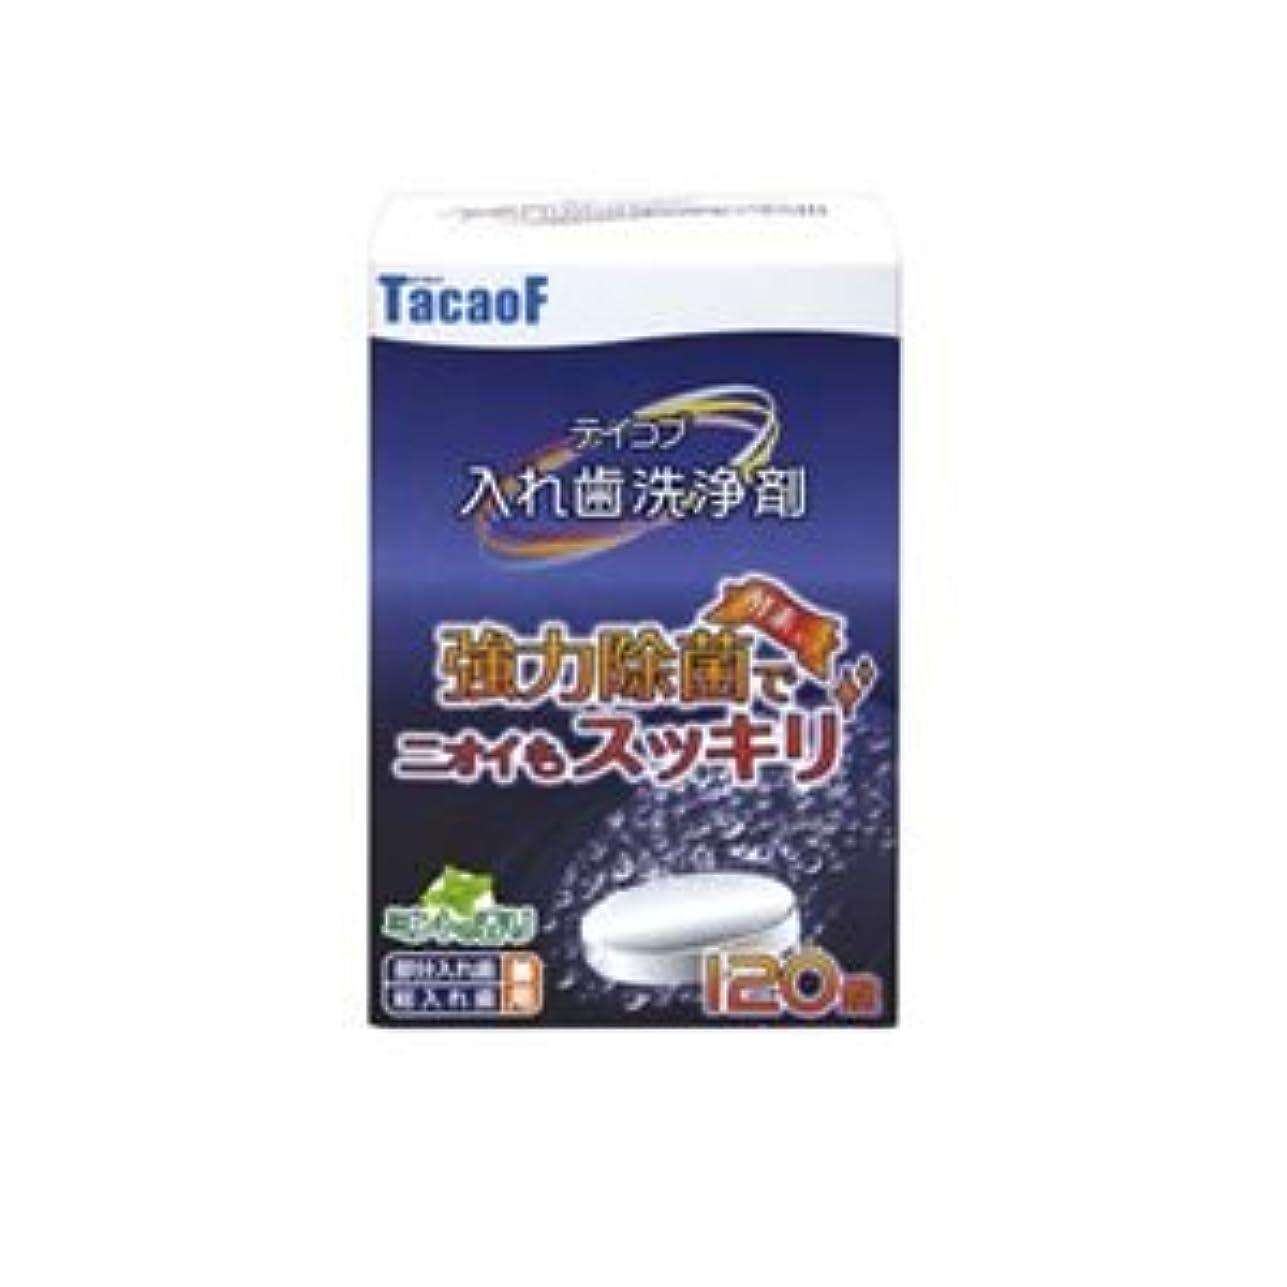 二層ビデオ抑圧(まとめ)幸和製作所 口腔ケア テイコブ入れ歯洗浄剤 KC01【×5セット】